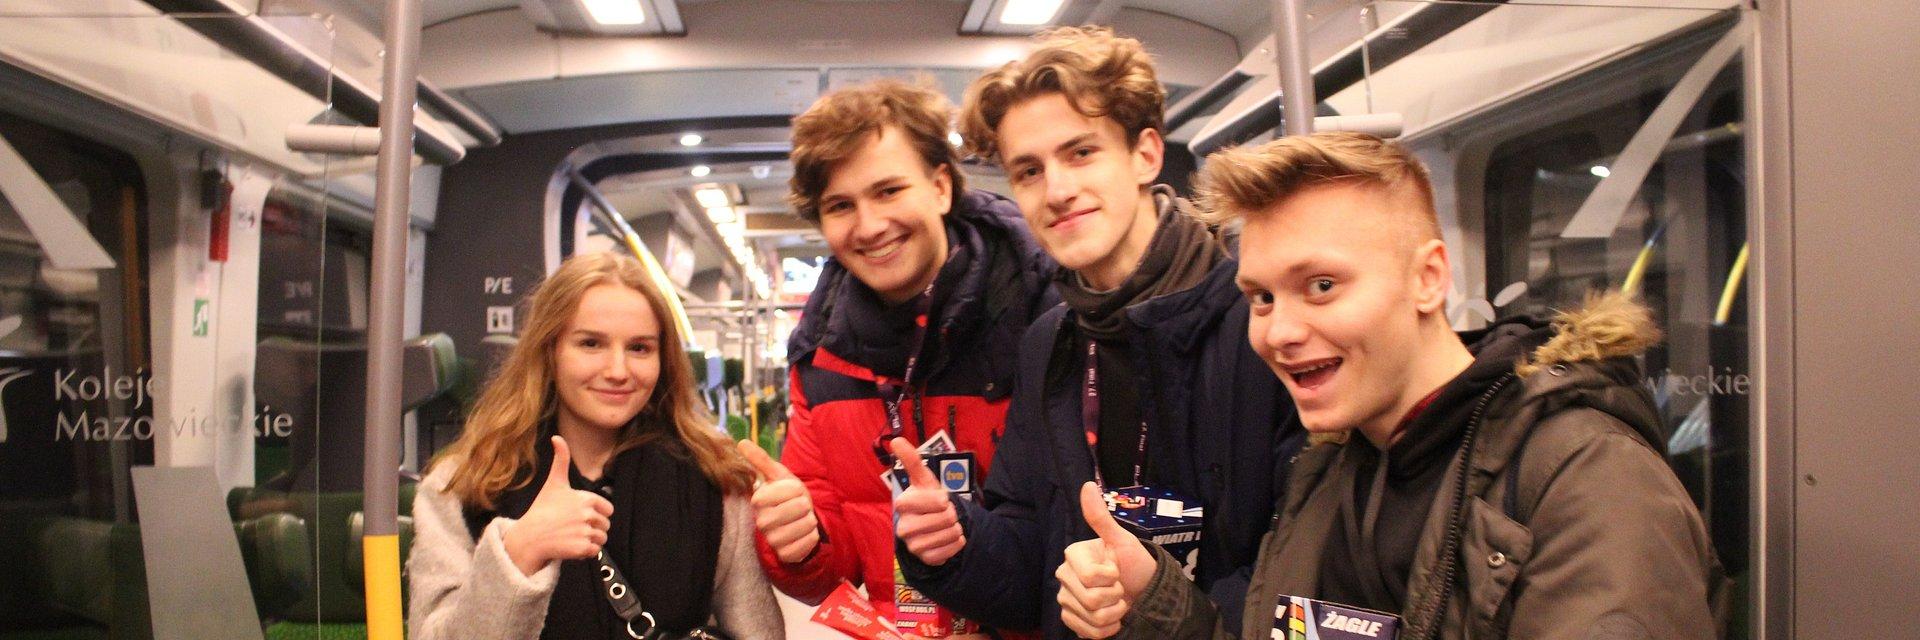 Koleje Mazowieckie zagrały z Wielką Orkiestrą Świątecznej Pomocy na 28. Finale